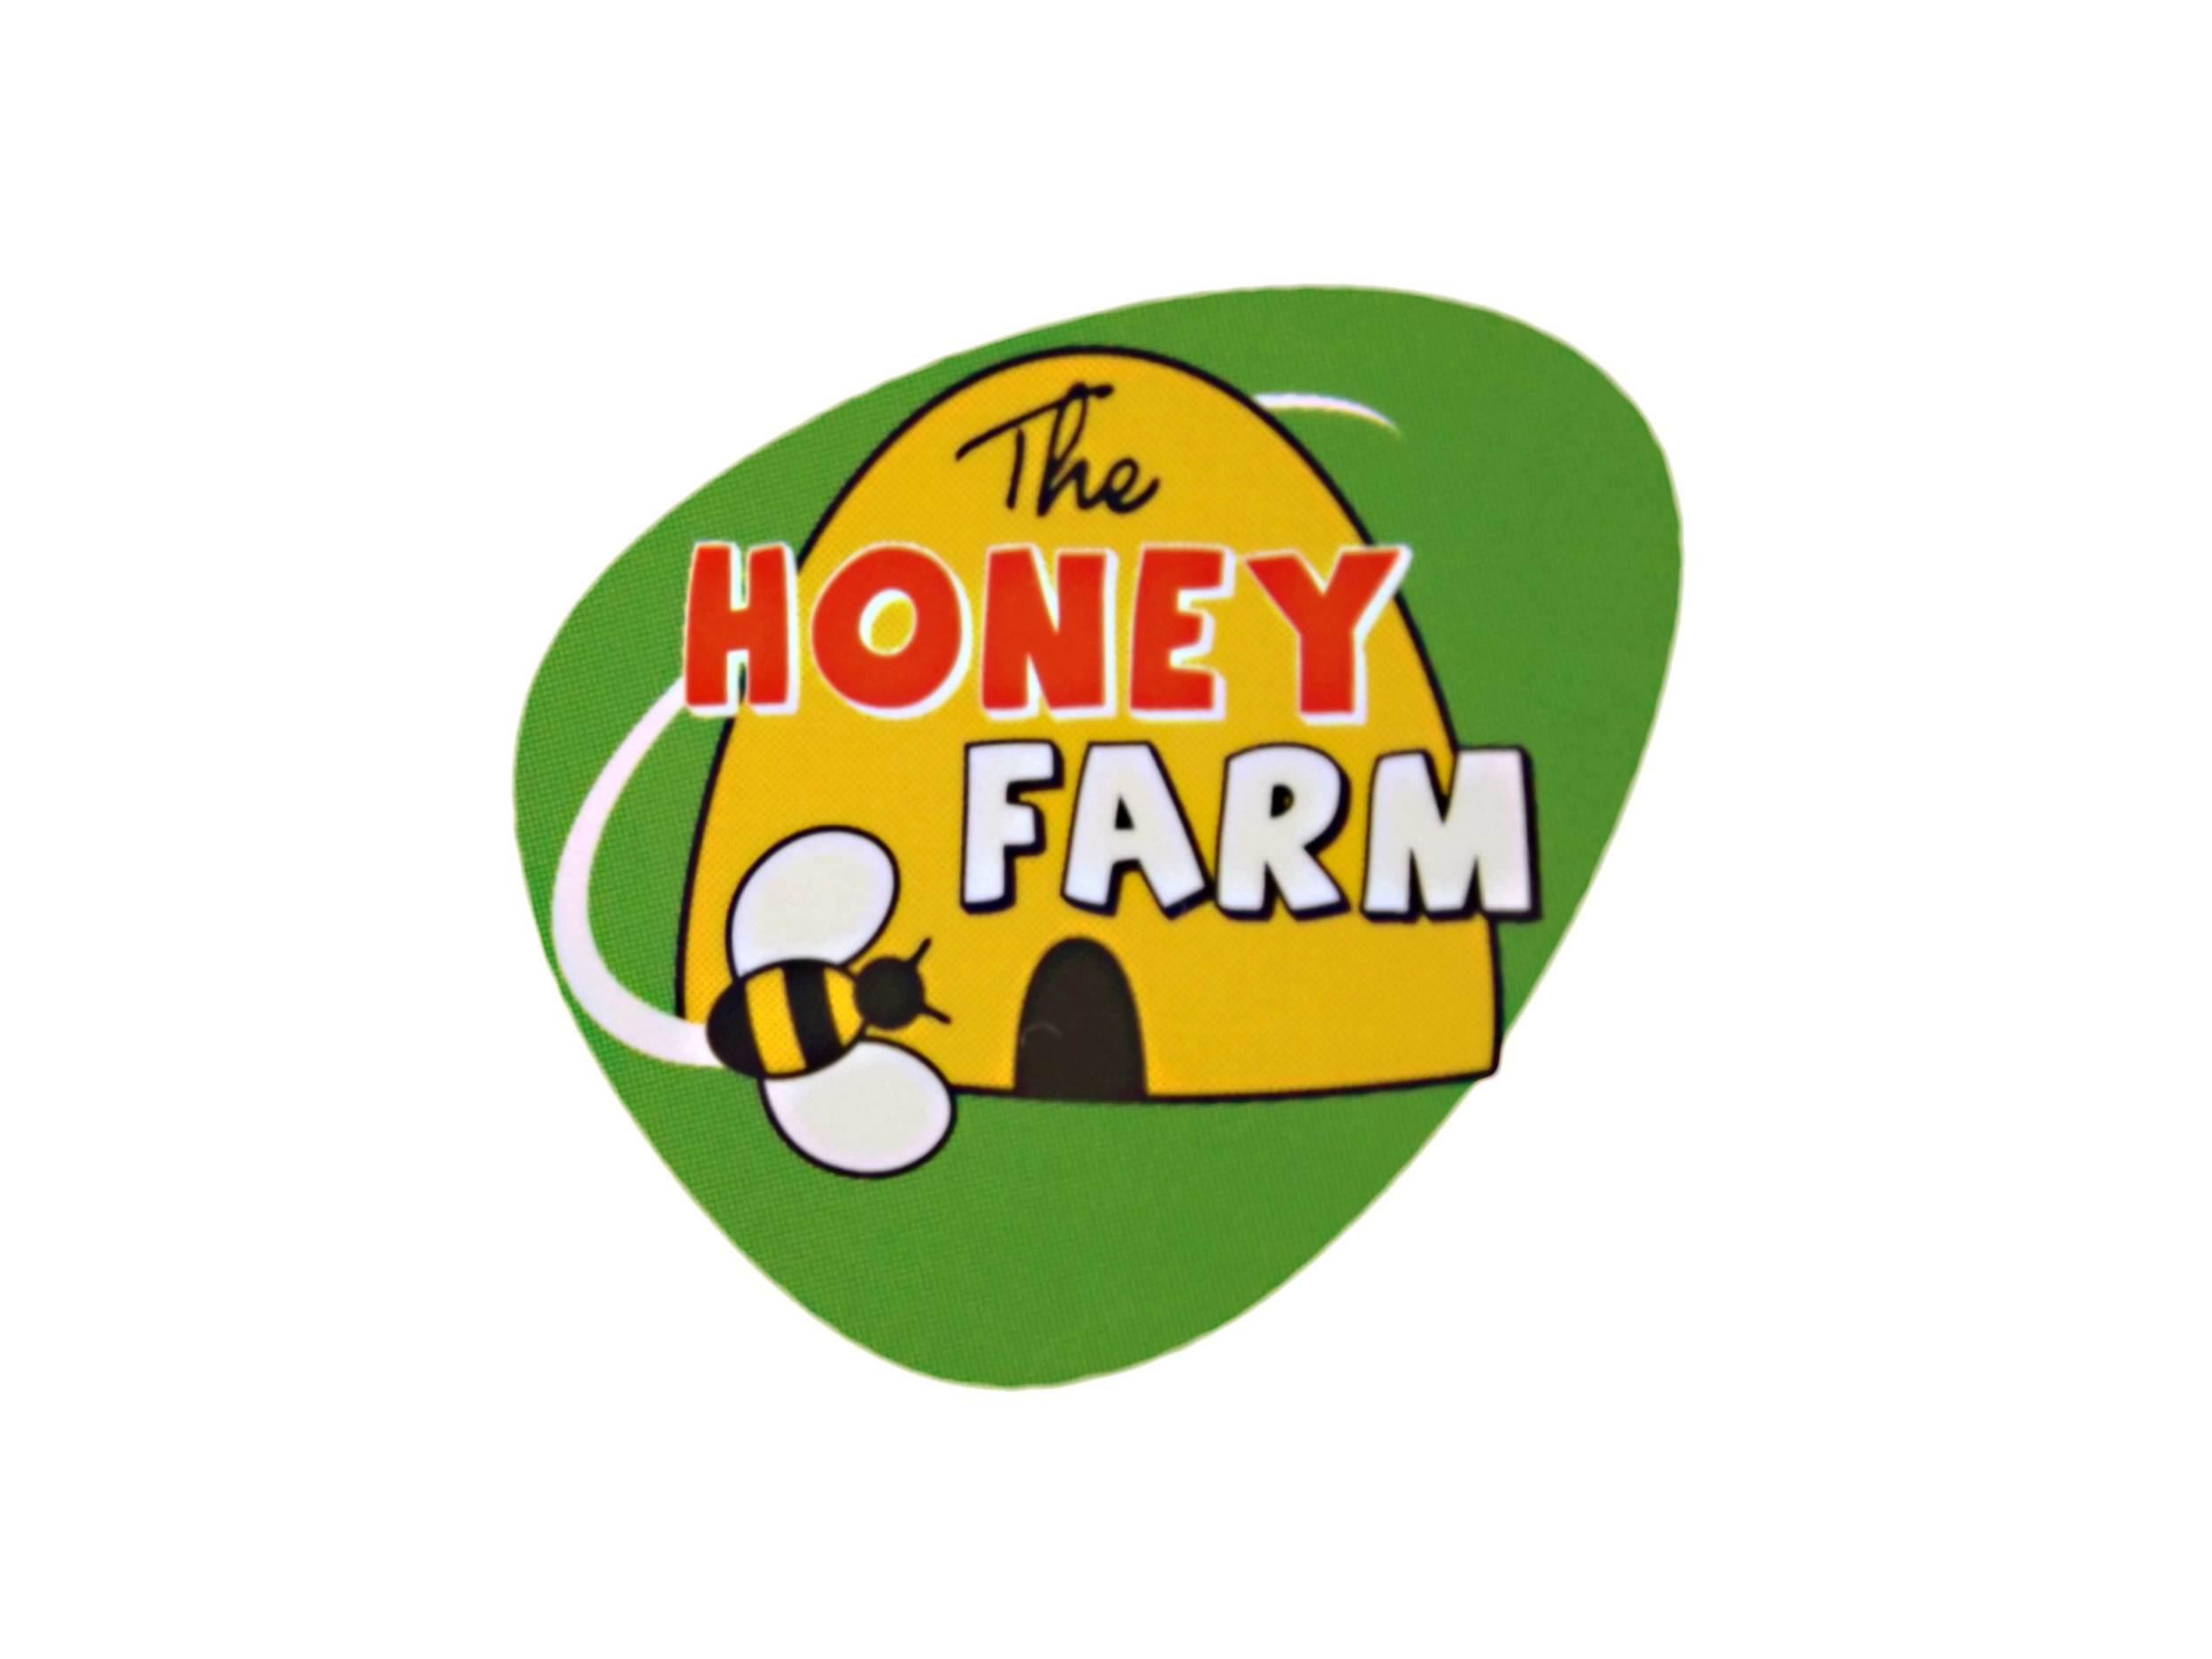 THE HONEY FARM: Logo design